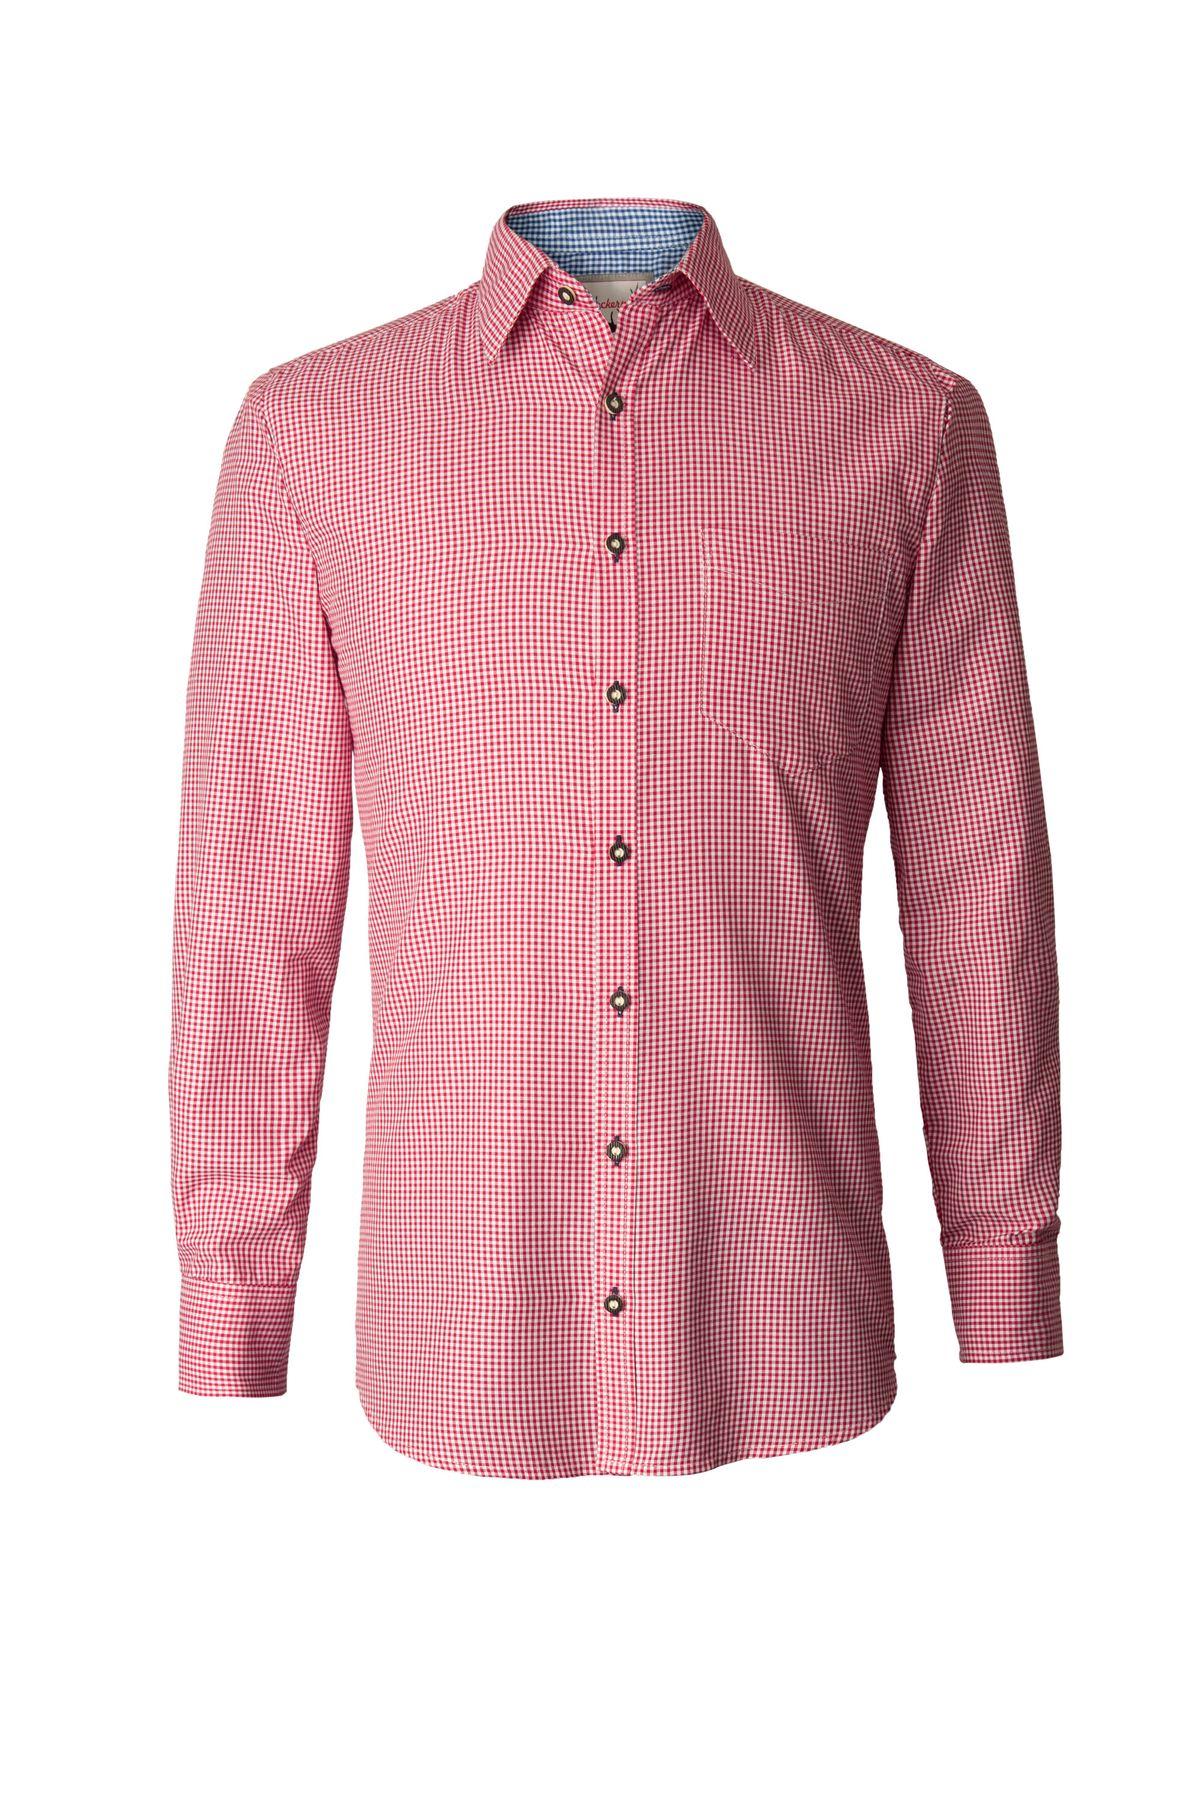 Stockerpoint - Herren Trachtenhemd,Dave2 – Bild 6